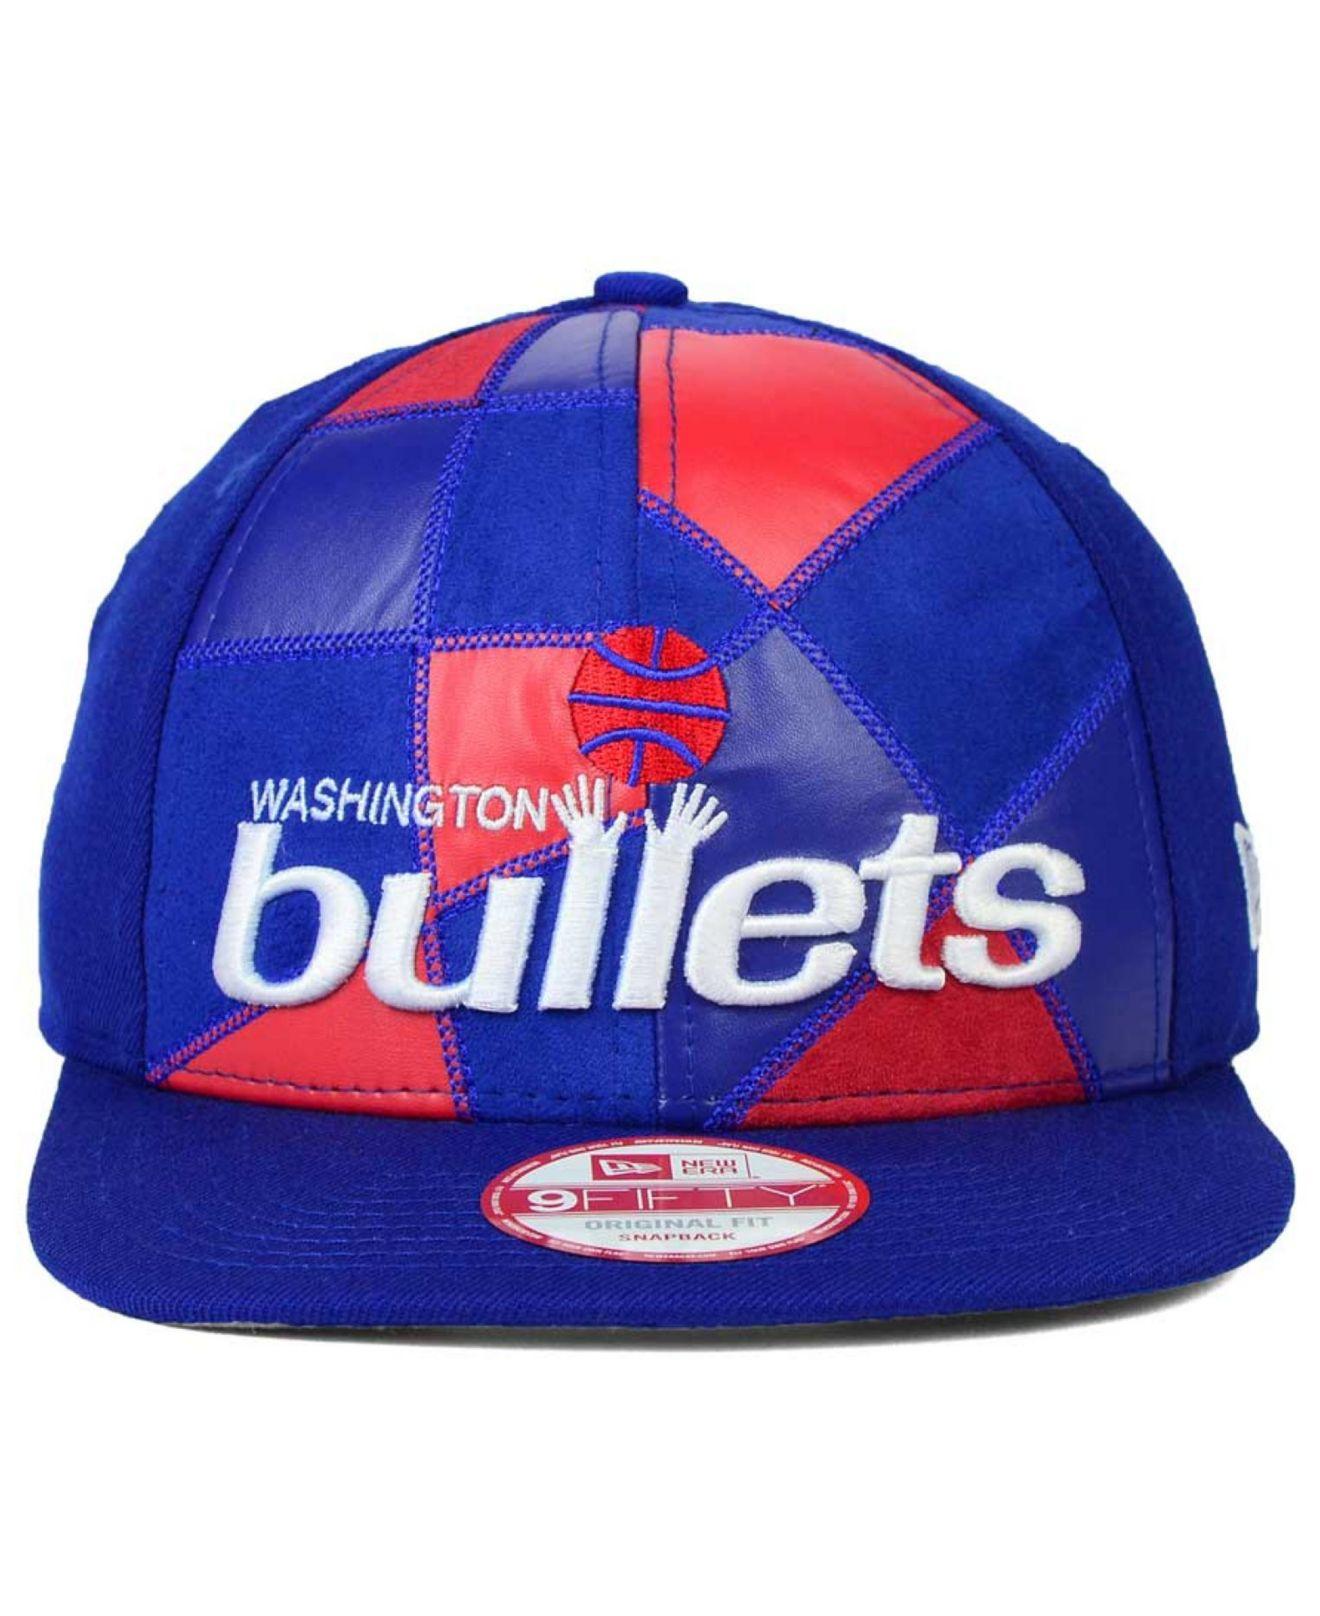 huge discount de81d b0e15 KTZ Washington Bullets Nba Hwc Cut   Paste 9fifty Snapback Cap in ...